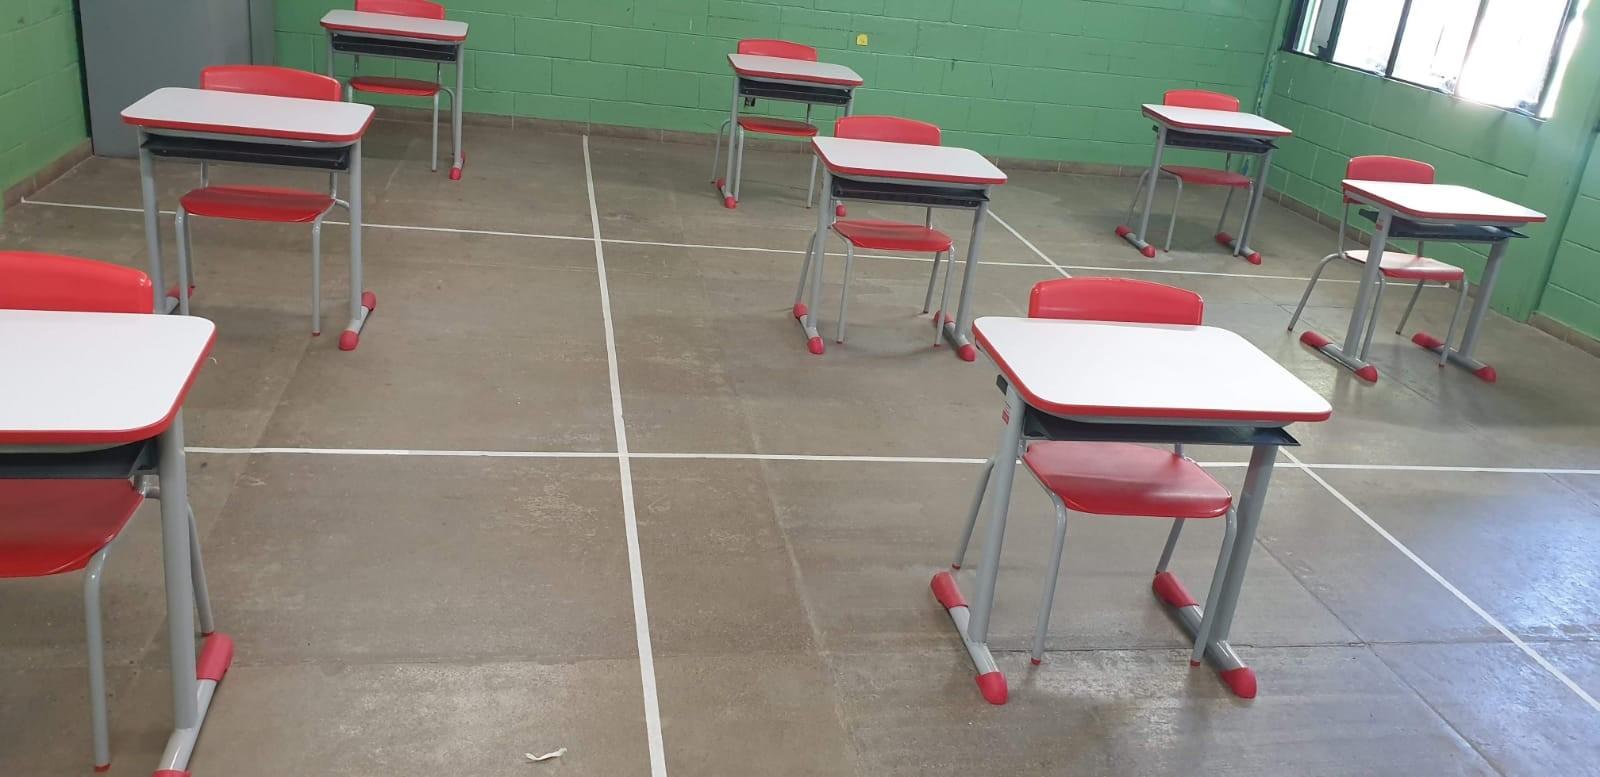 Aulas presenciais da rede municipal de ensino serão retomadas na próxima semana em Varginha, MG